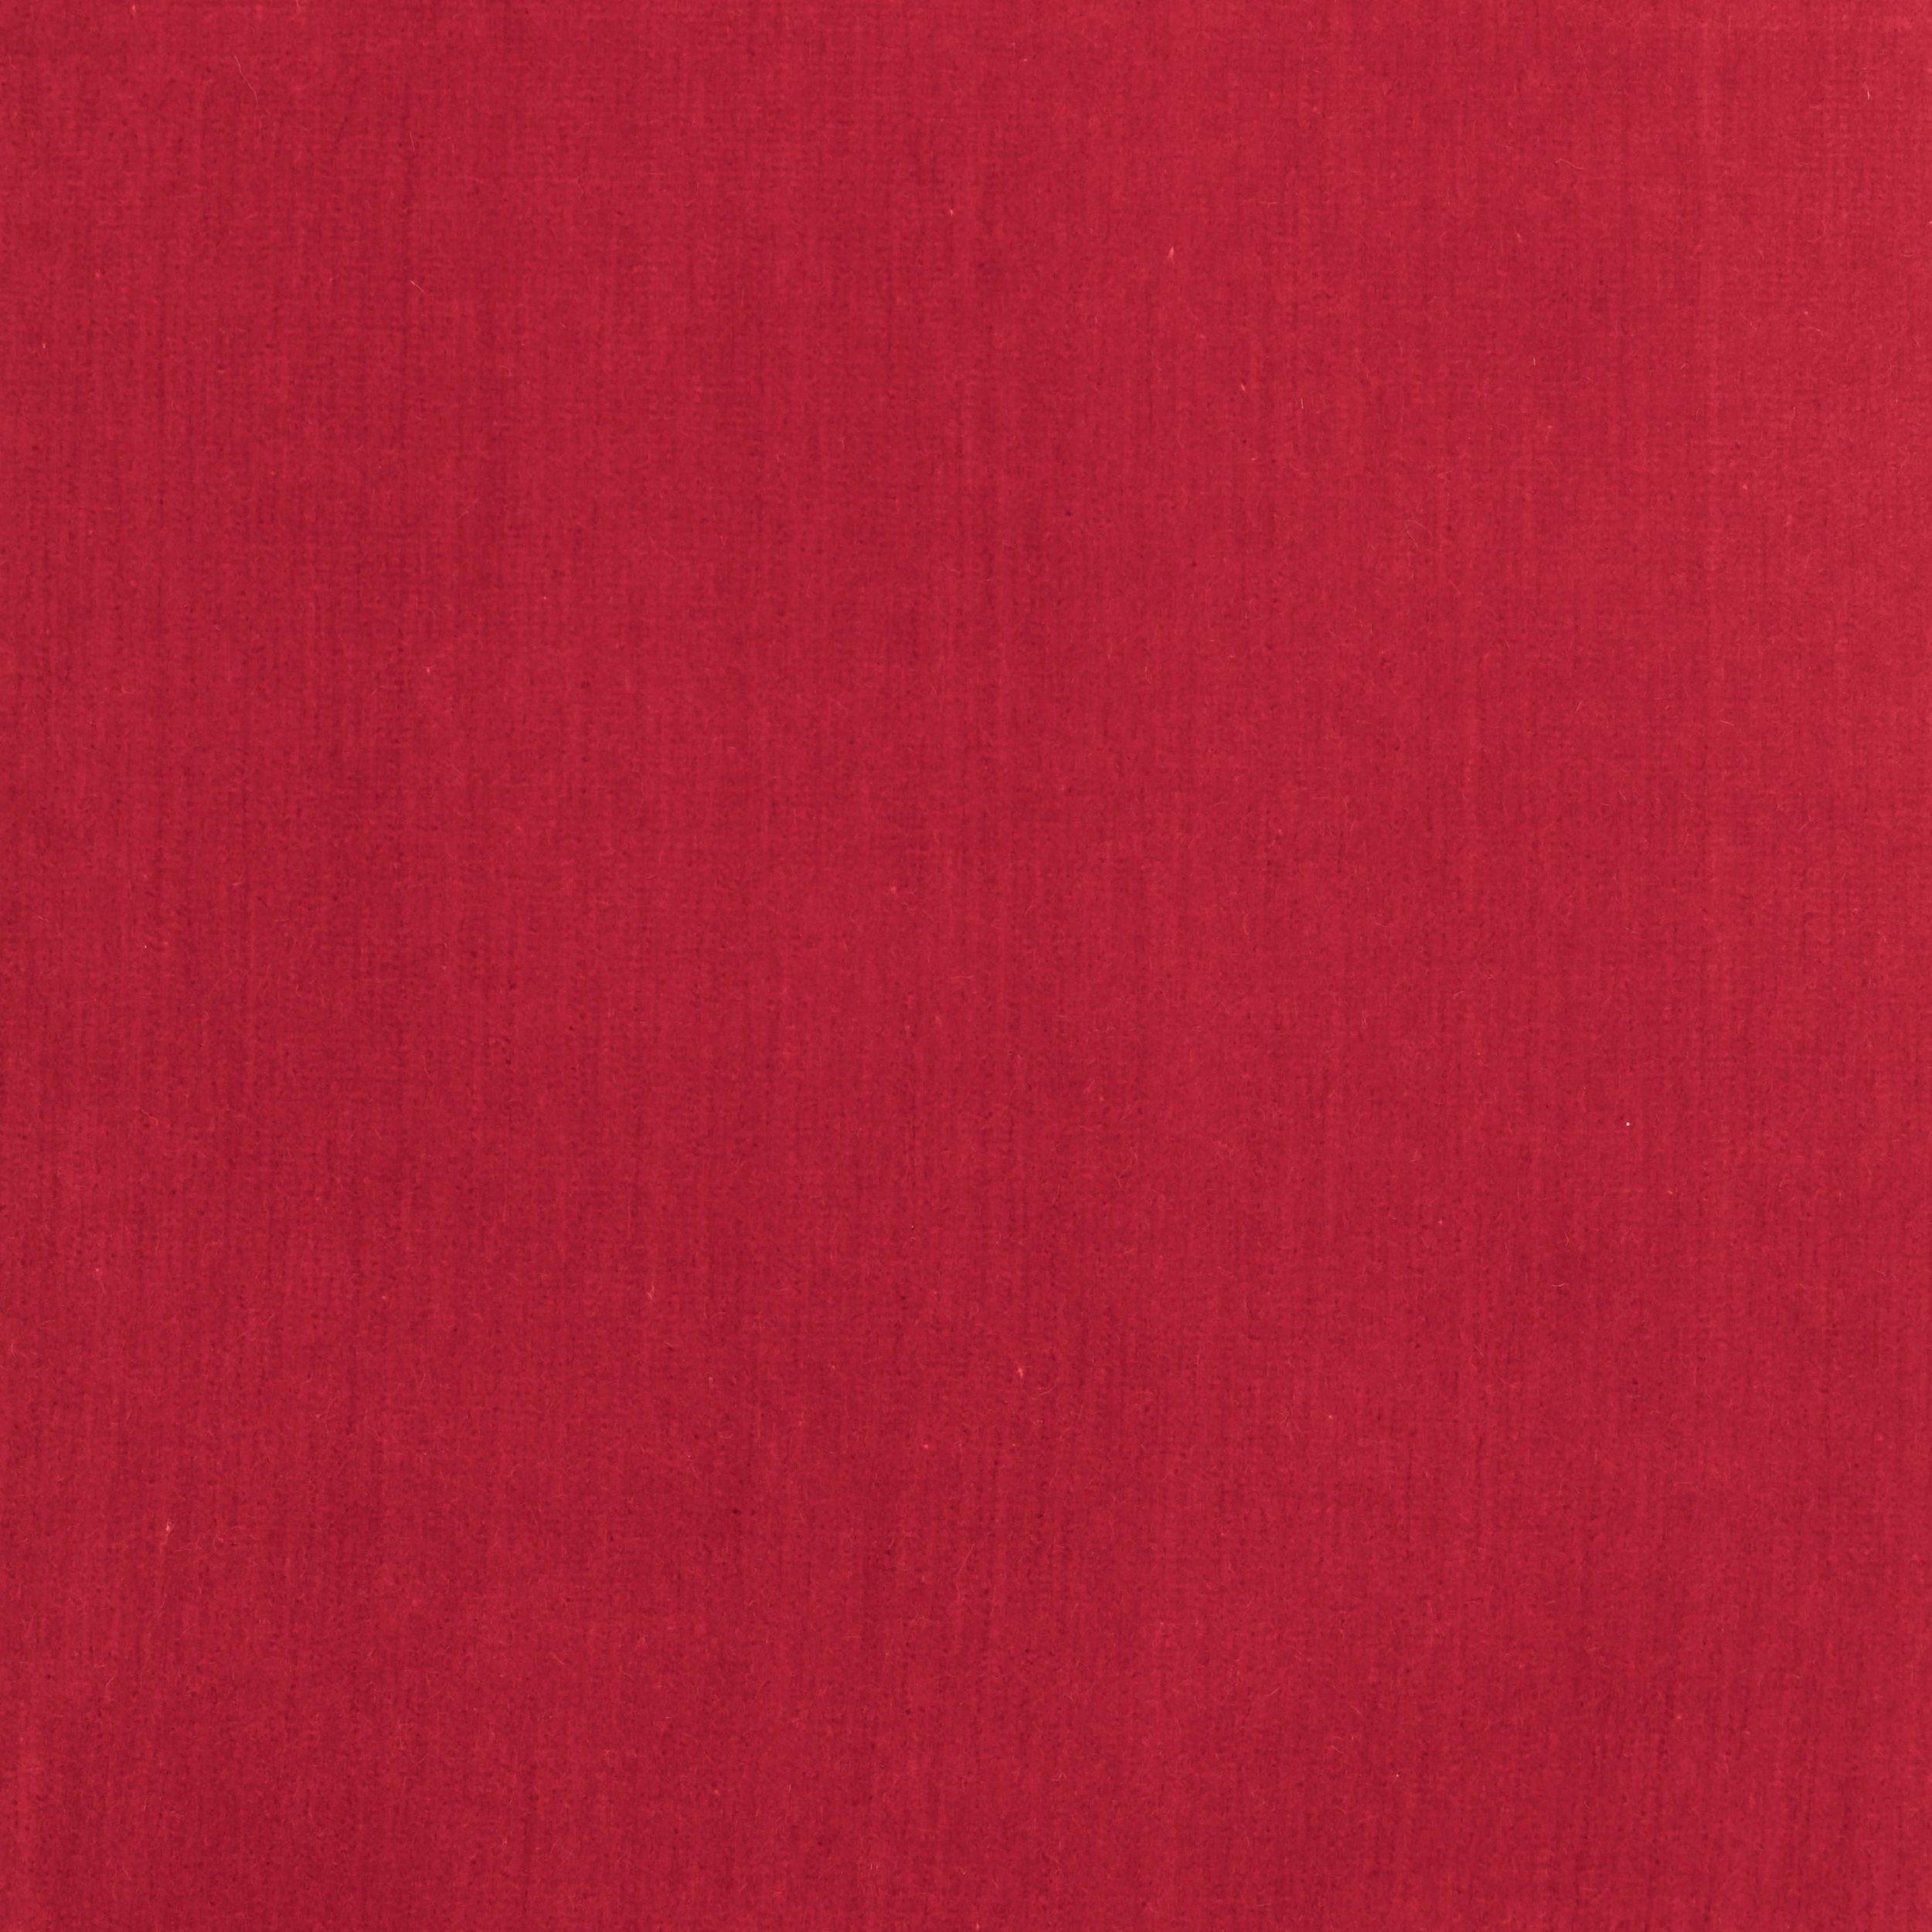 Crimson 44